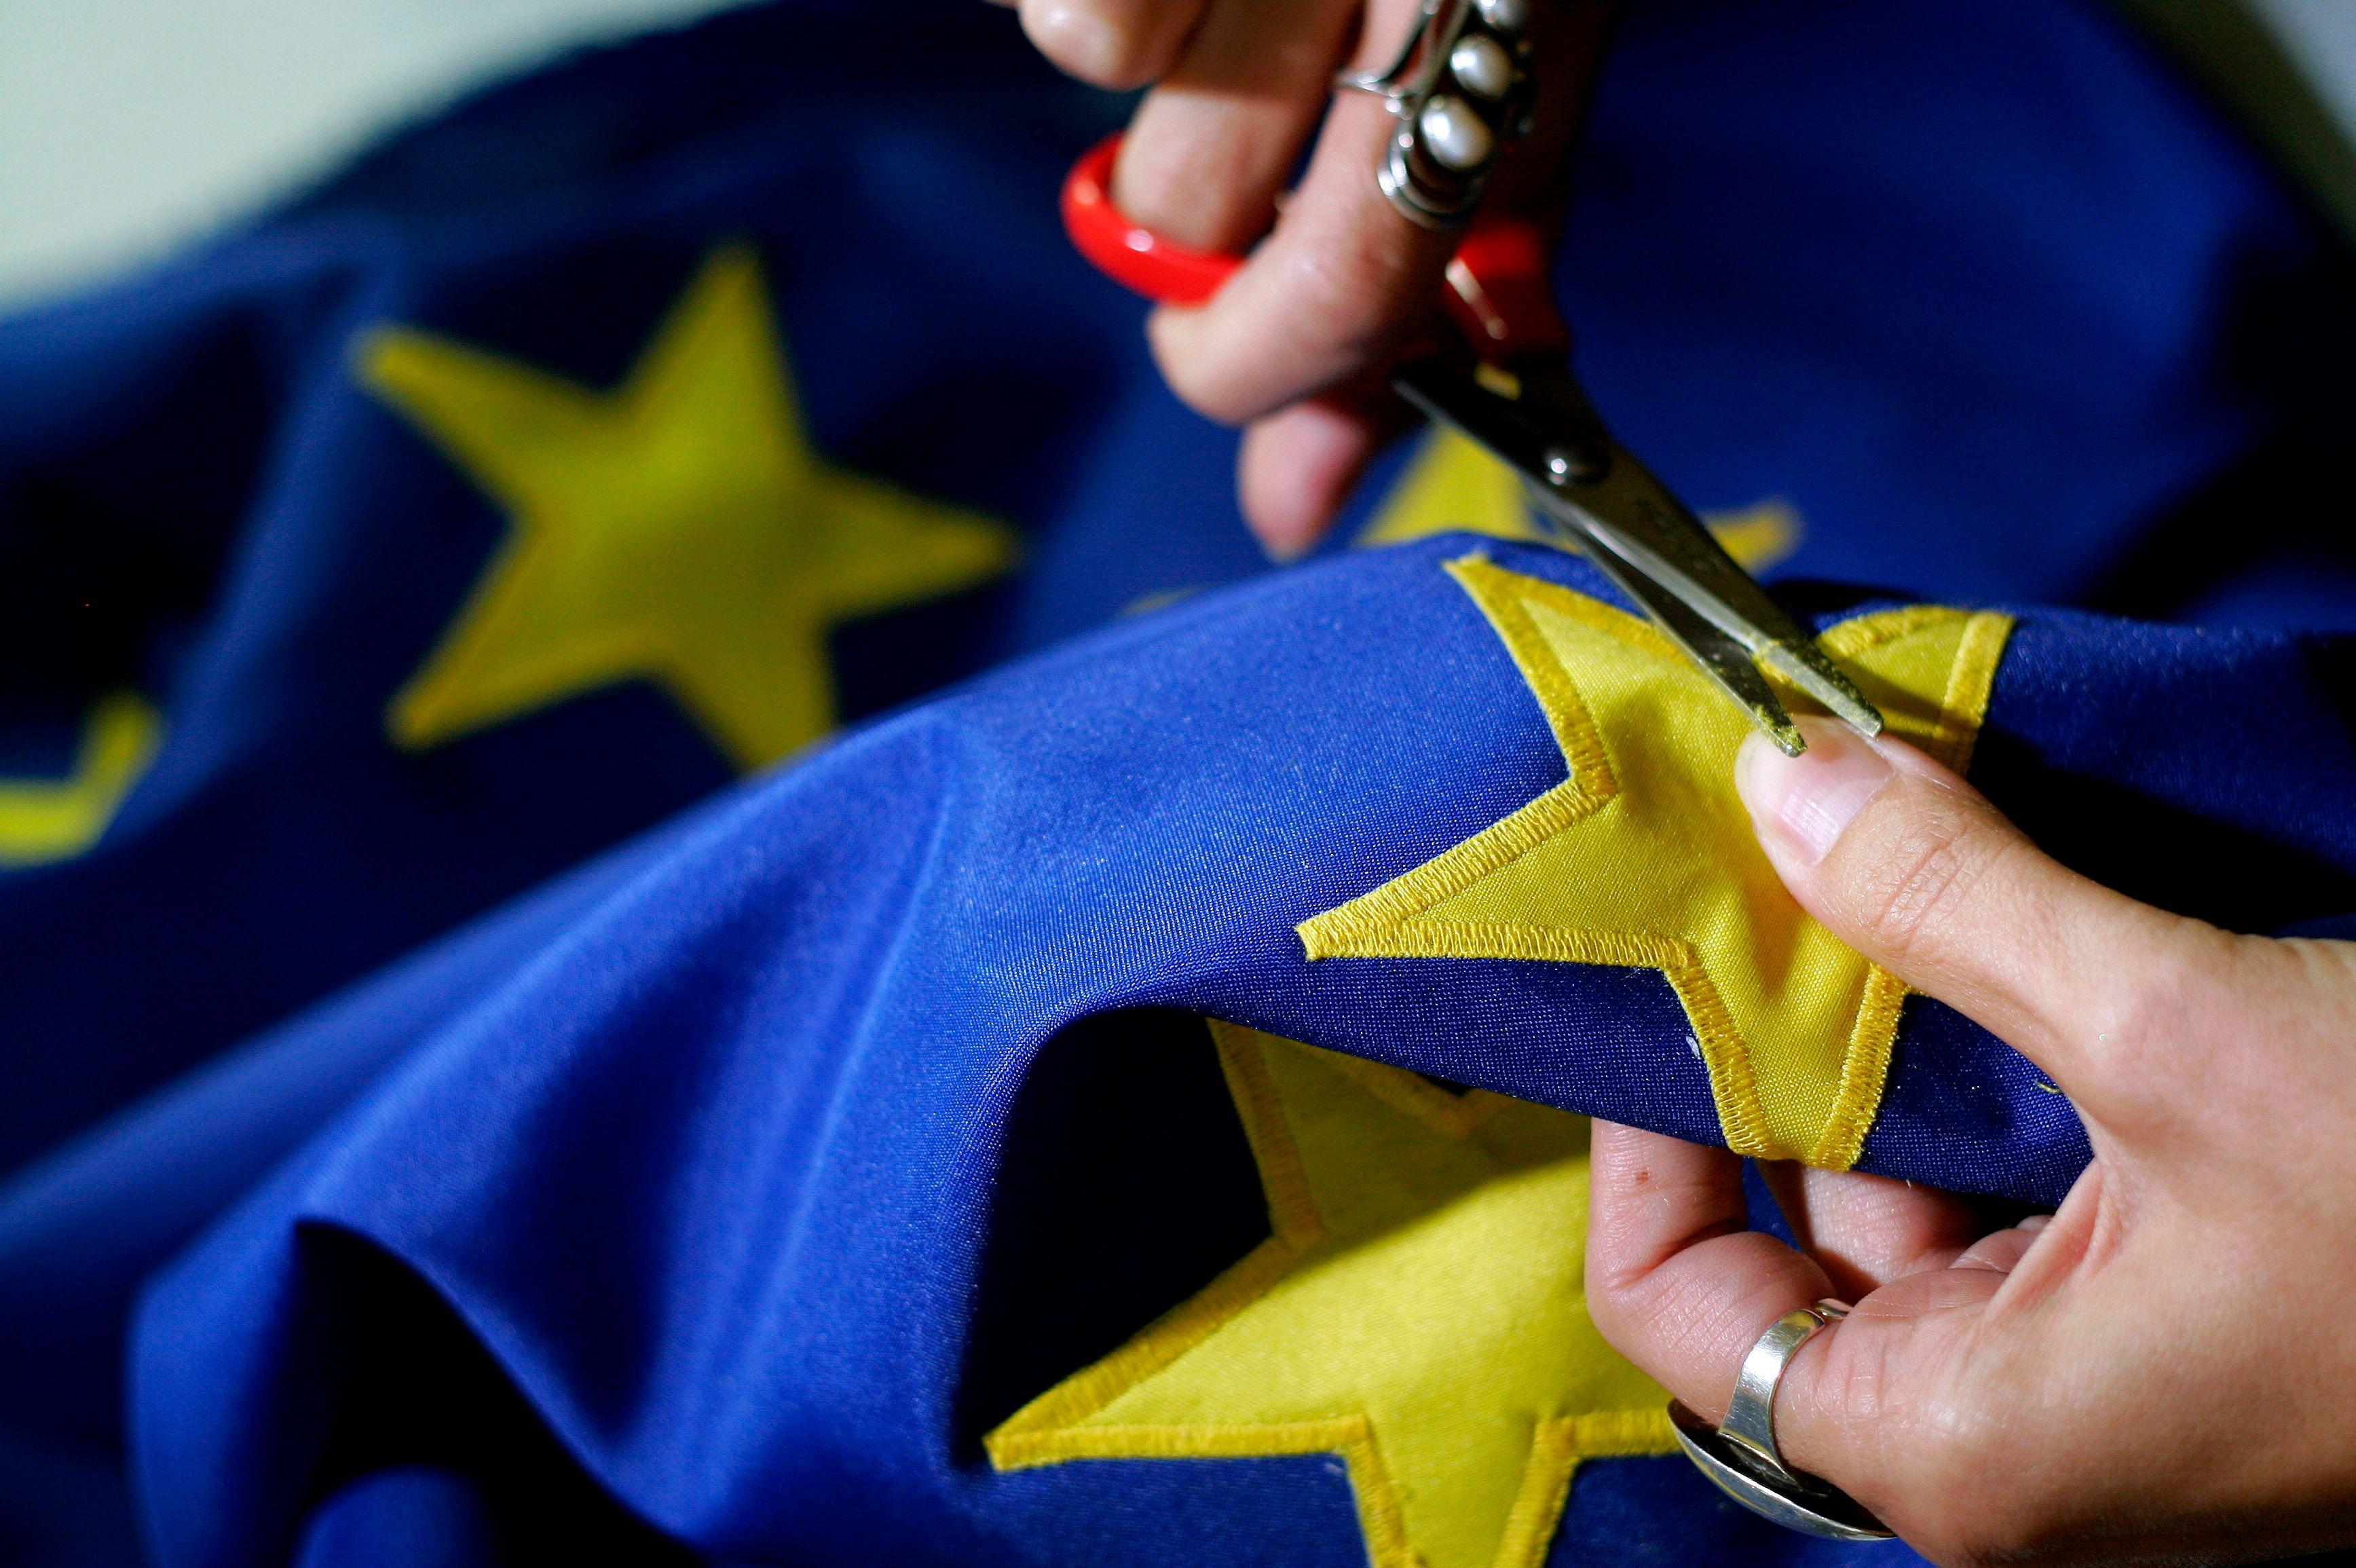 Grèce, Euro, bulle, taux, alerte rouge sur la probabilité d'une nouvelle crise financière mondiale !